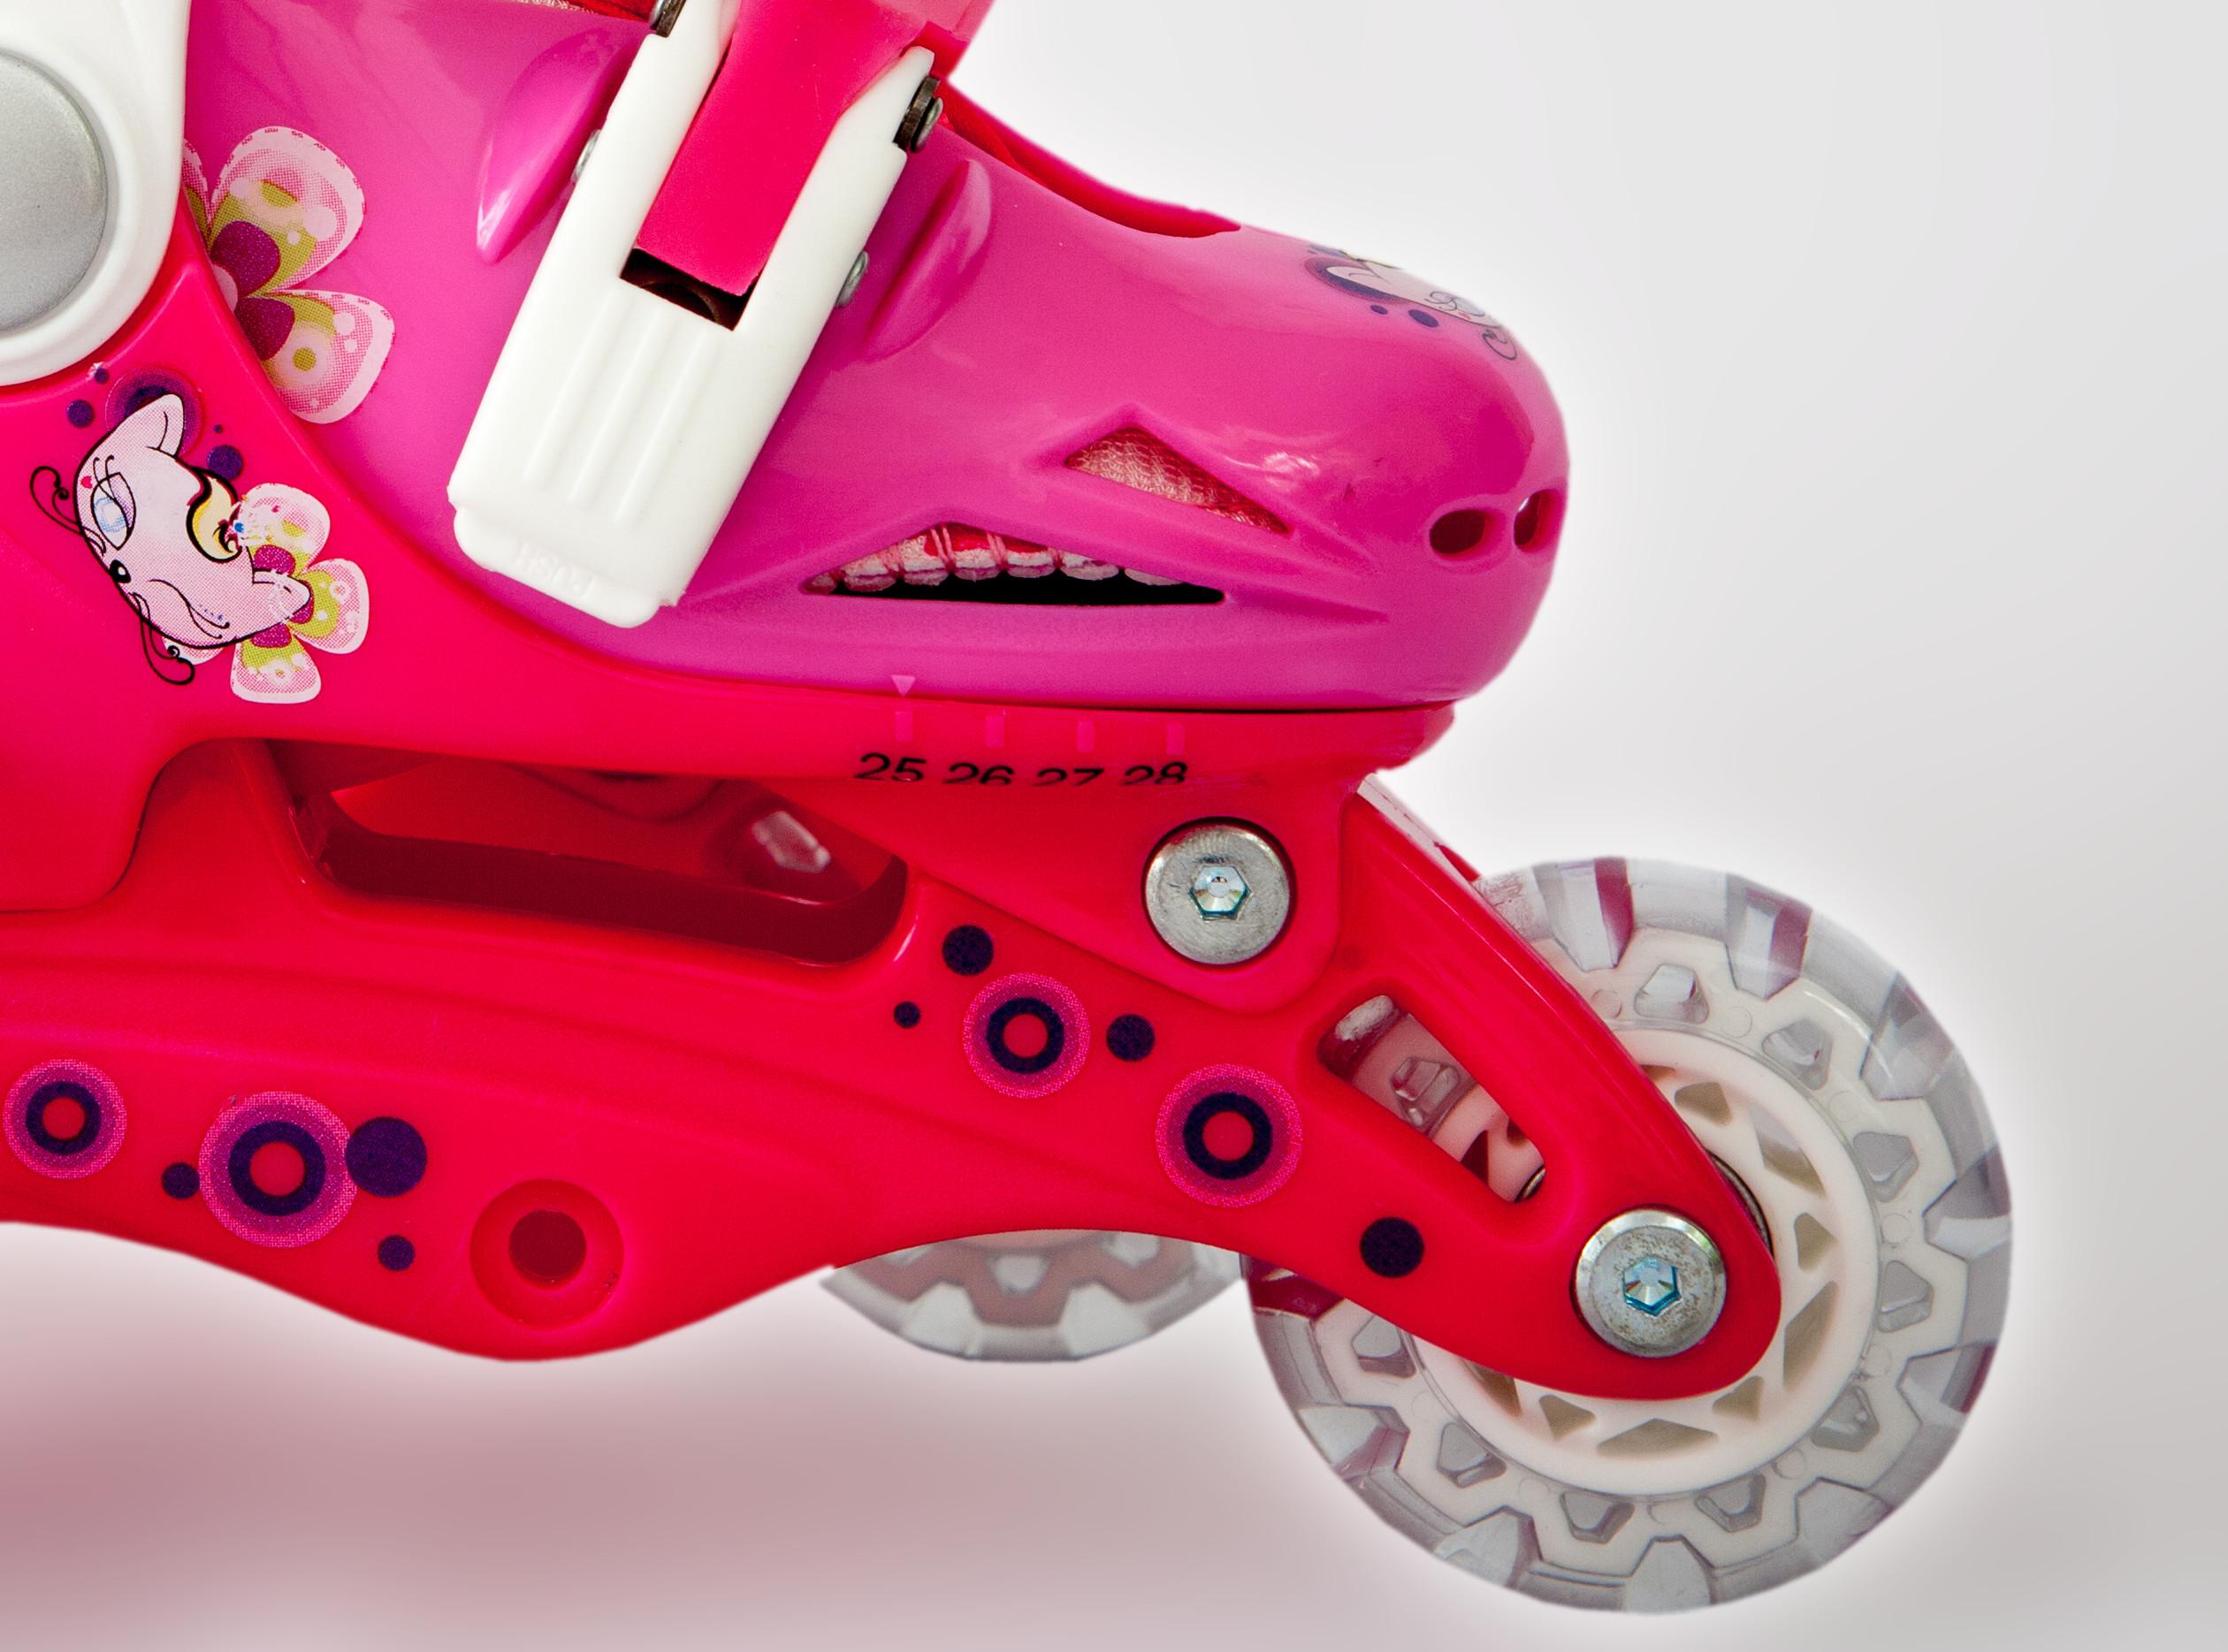 Ролики детские 26 размер, для обучения (трансформеры, раздвижной ботинок) MagicWheels розовые, - фото 5